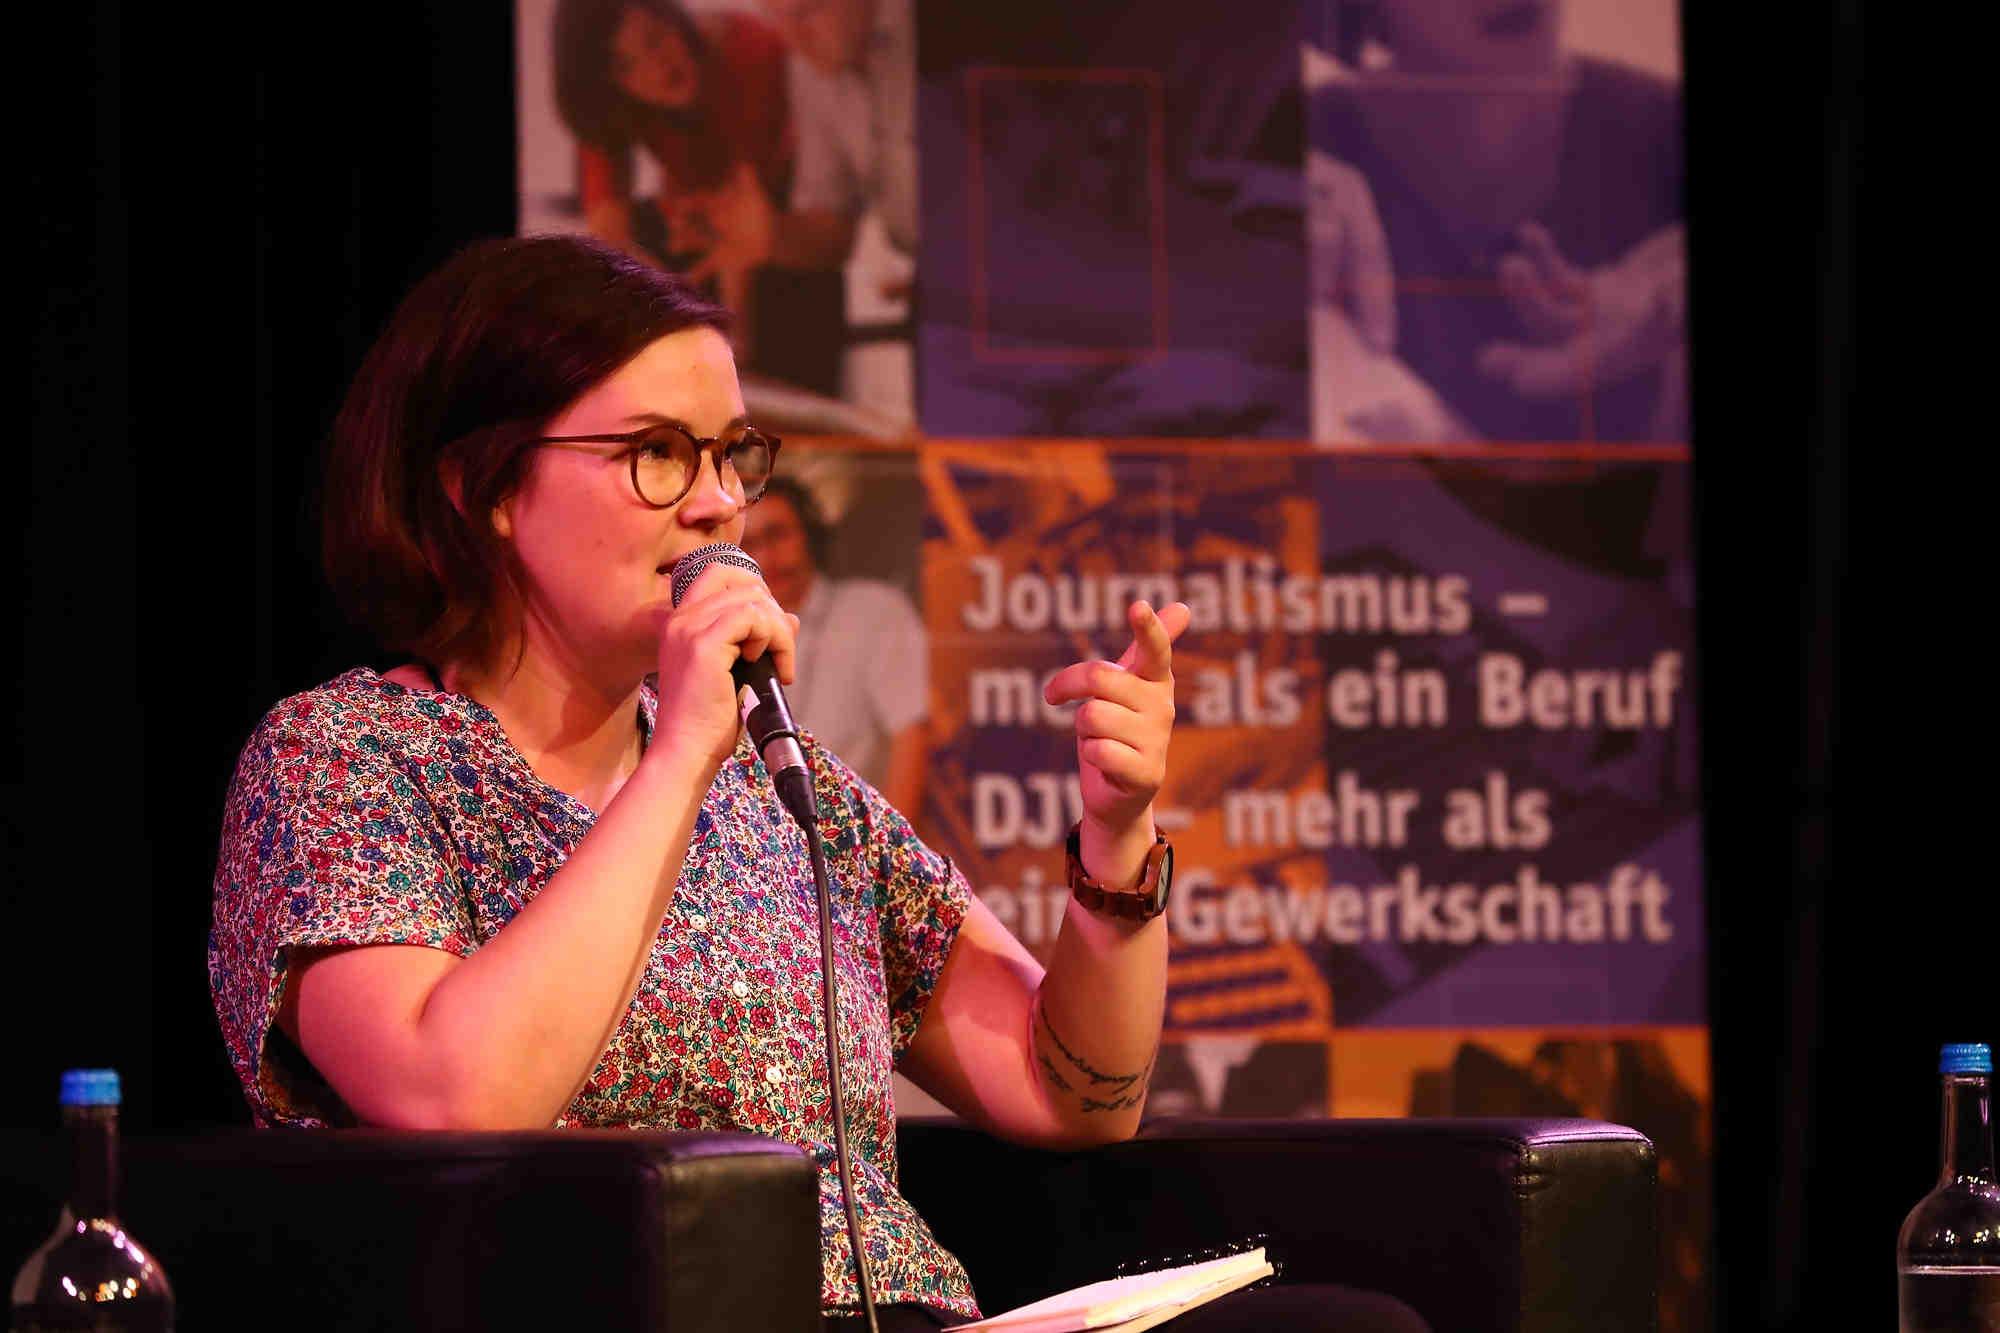 Podiumsdiskussion des DJV und Kulturforum Hamburg: G-20-Gipfel - Deeskalation via Sprache und Kommunikation, 2017, Emily Laquer